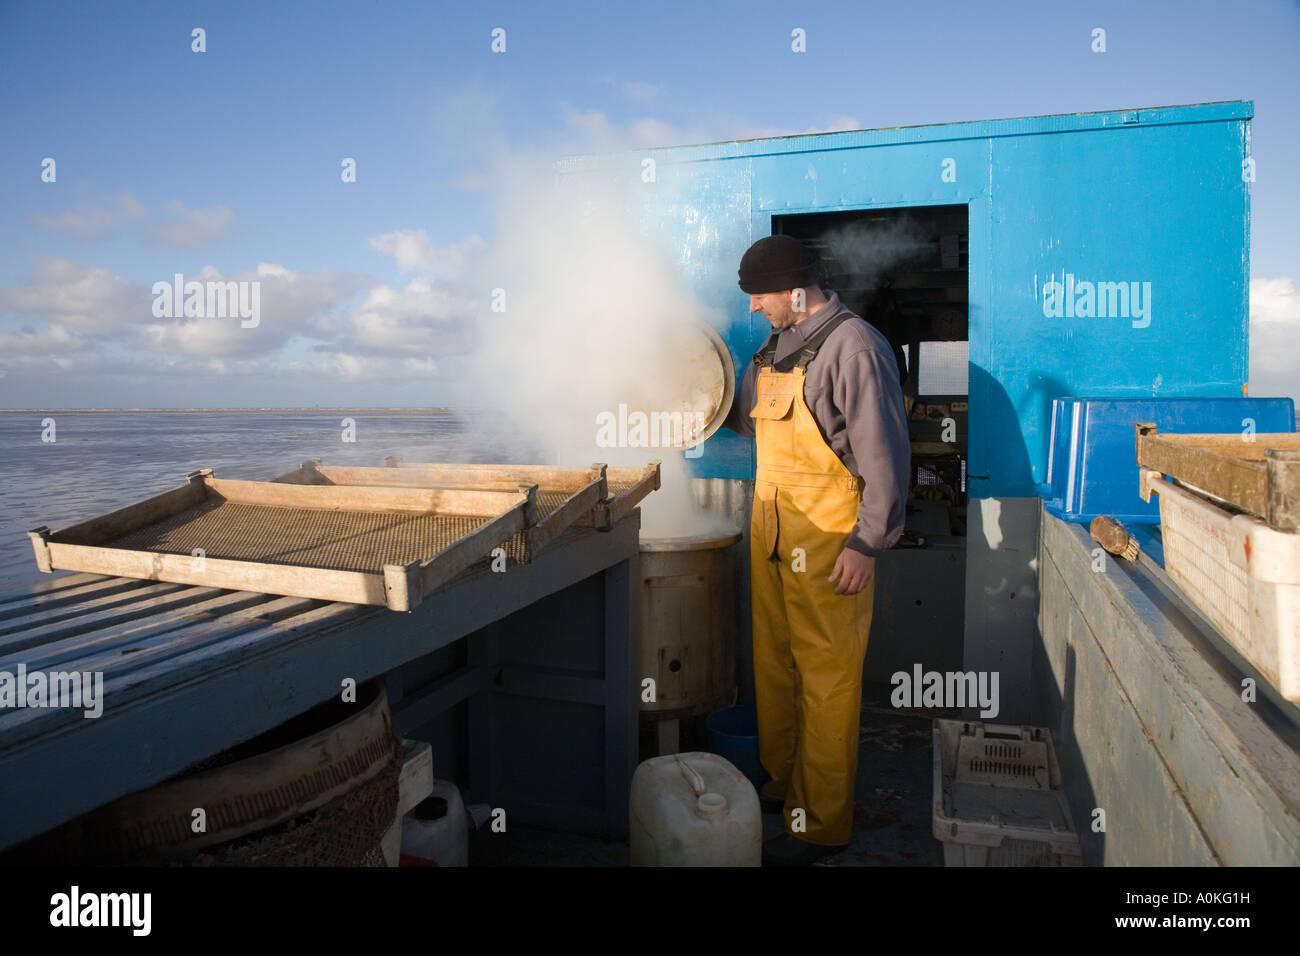 Fruits de mer Crustacés Pêche commerciale de la crevette avec modification de véhicule tracteur, Photo Stock